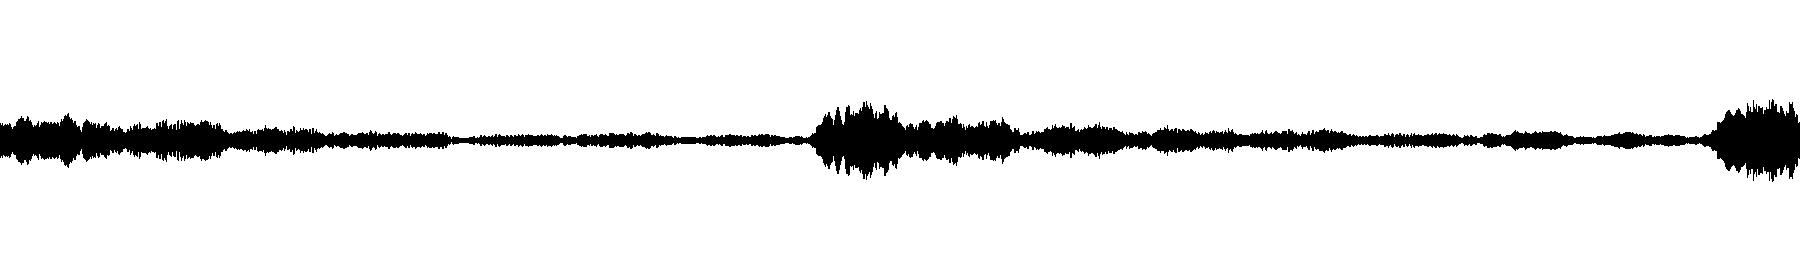 pth synth 20b